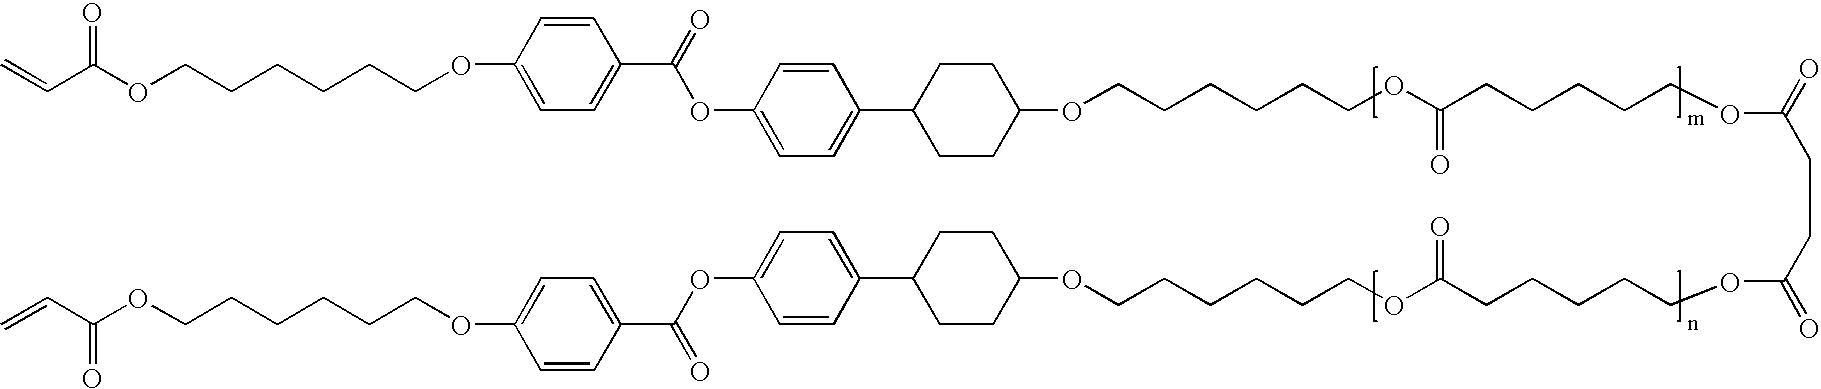 Figure US20100014010A1-20100121-C00088